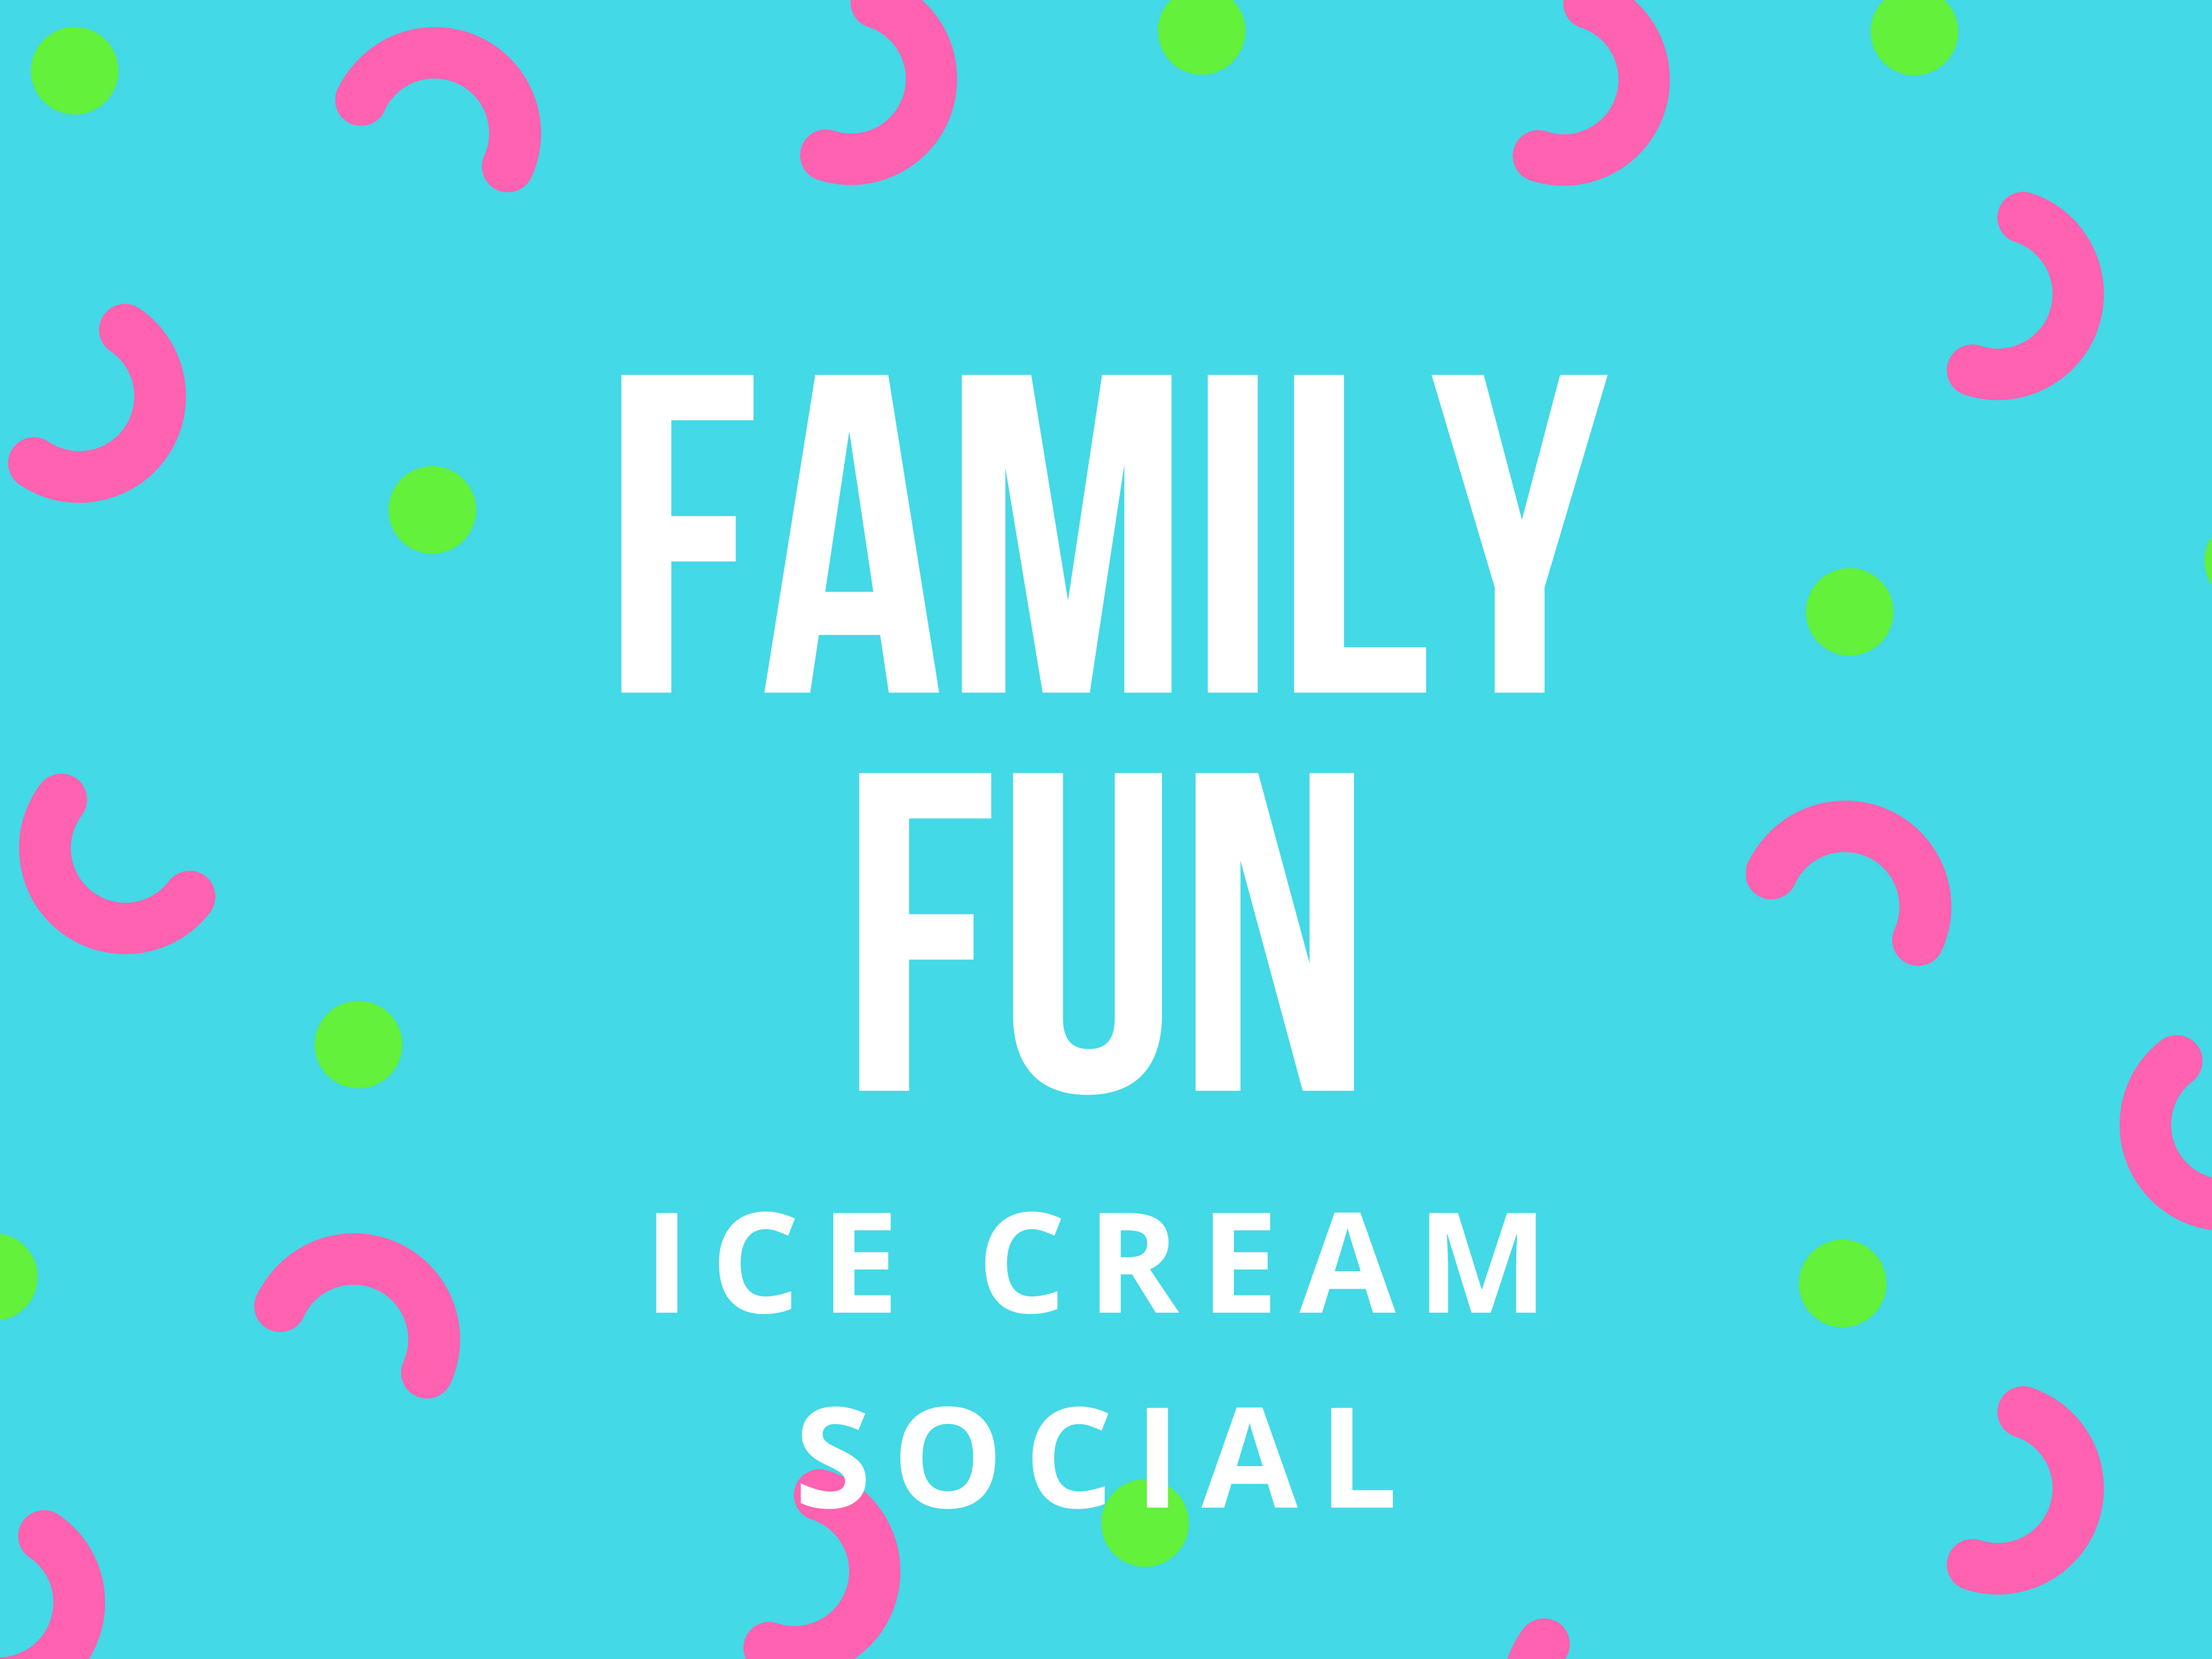 Copy of family fun editable graphic   screen  1 ice cream social